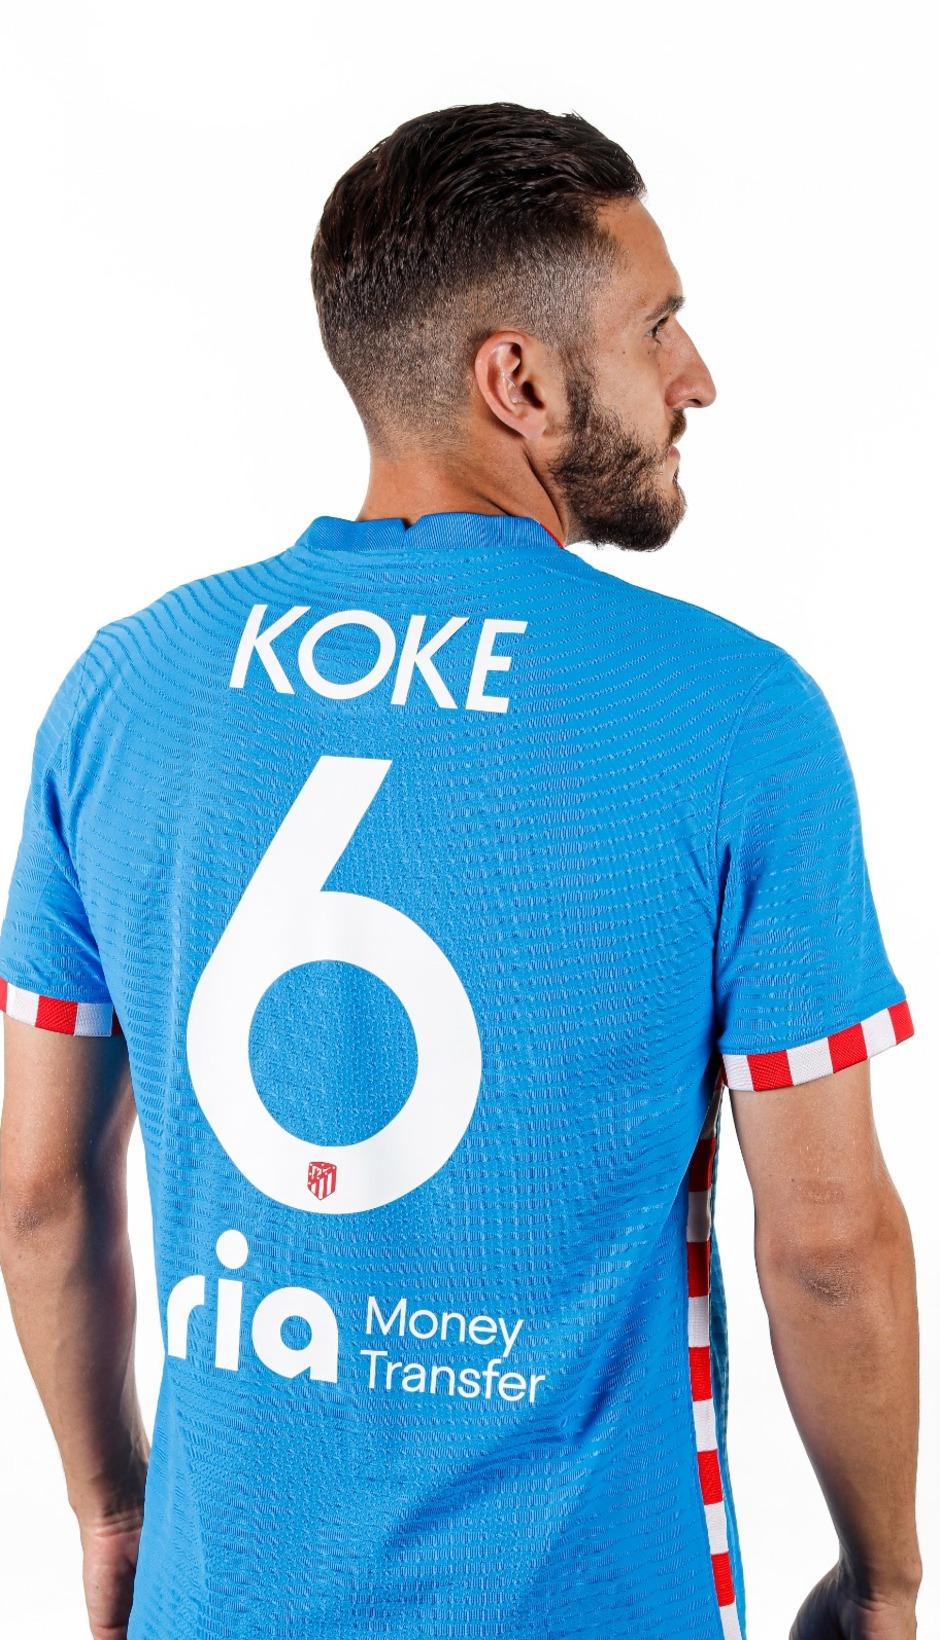 Koke tercera equipación